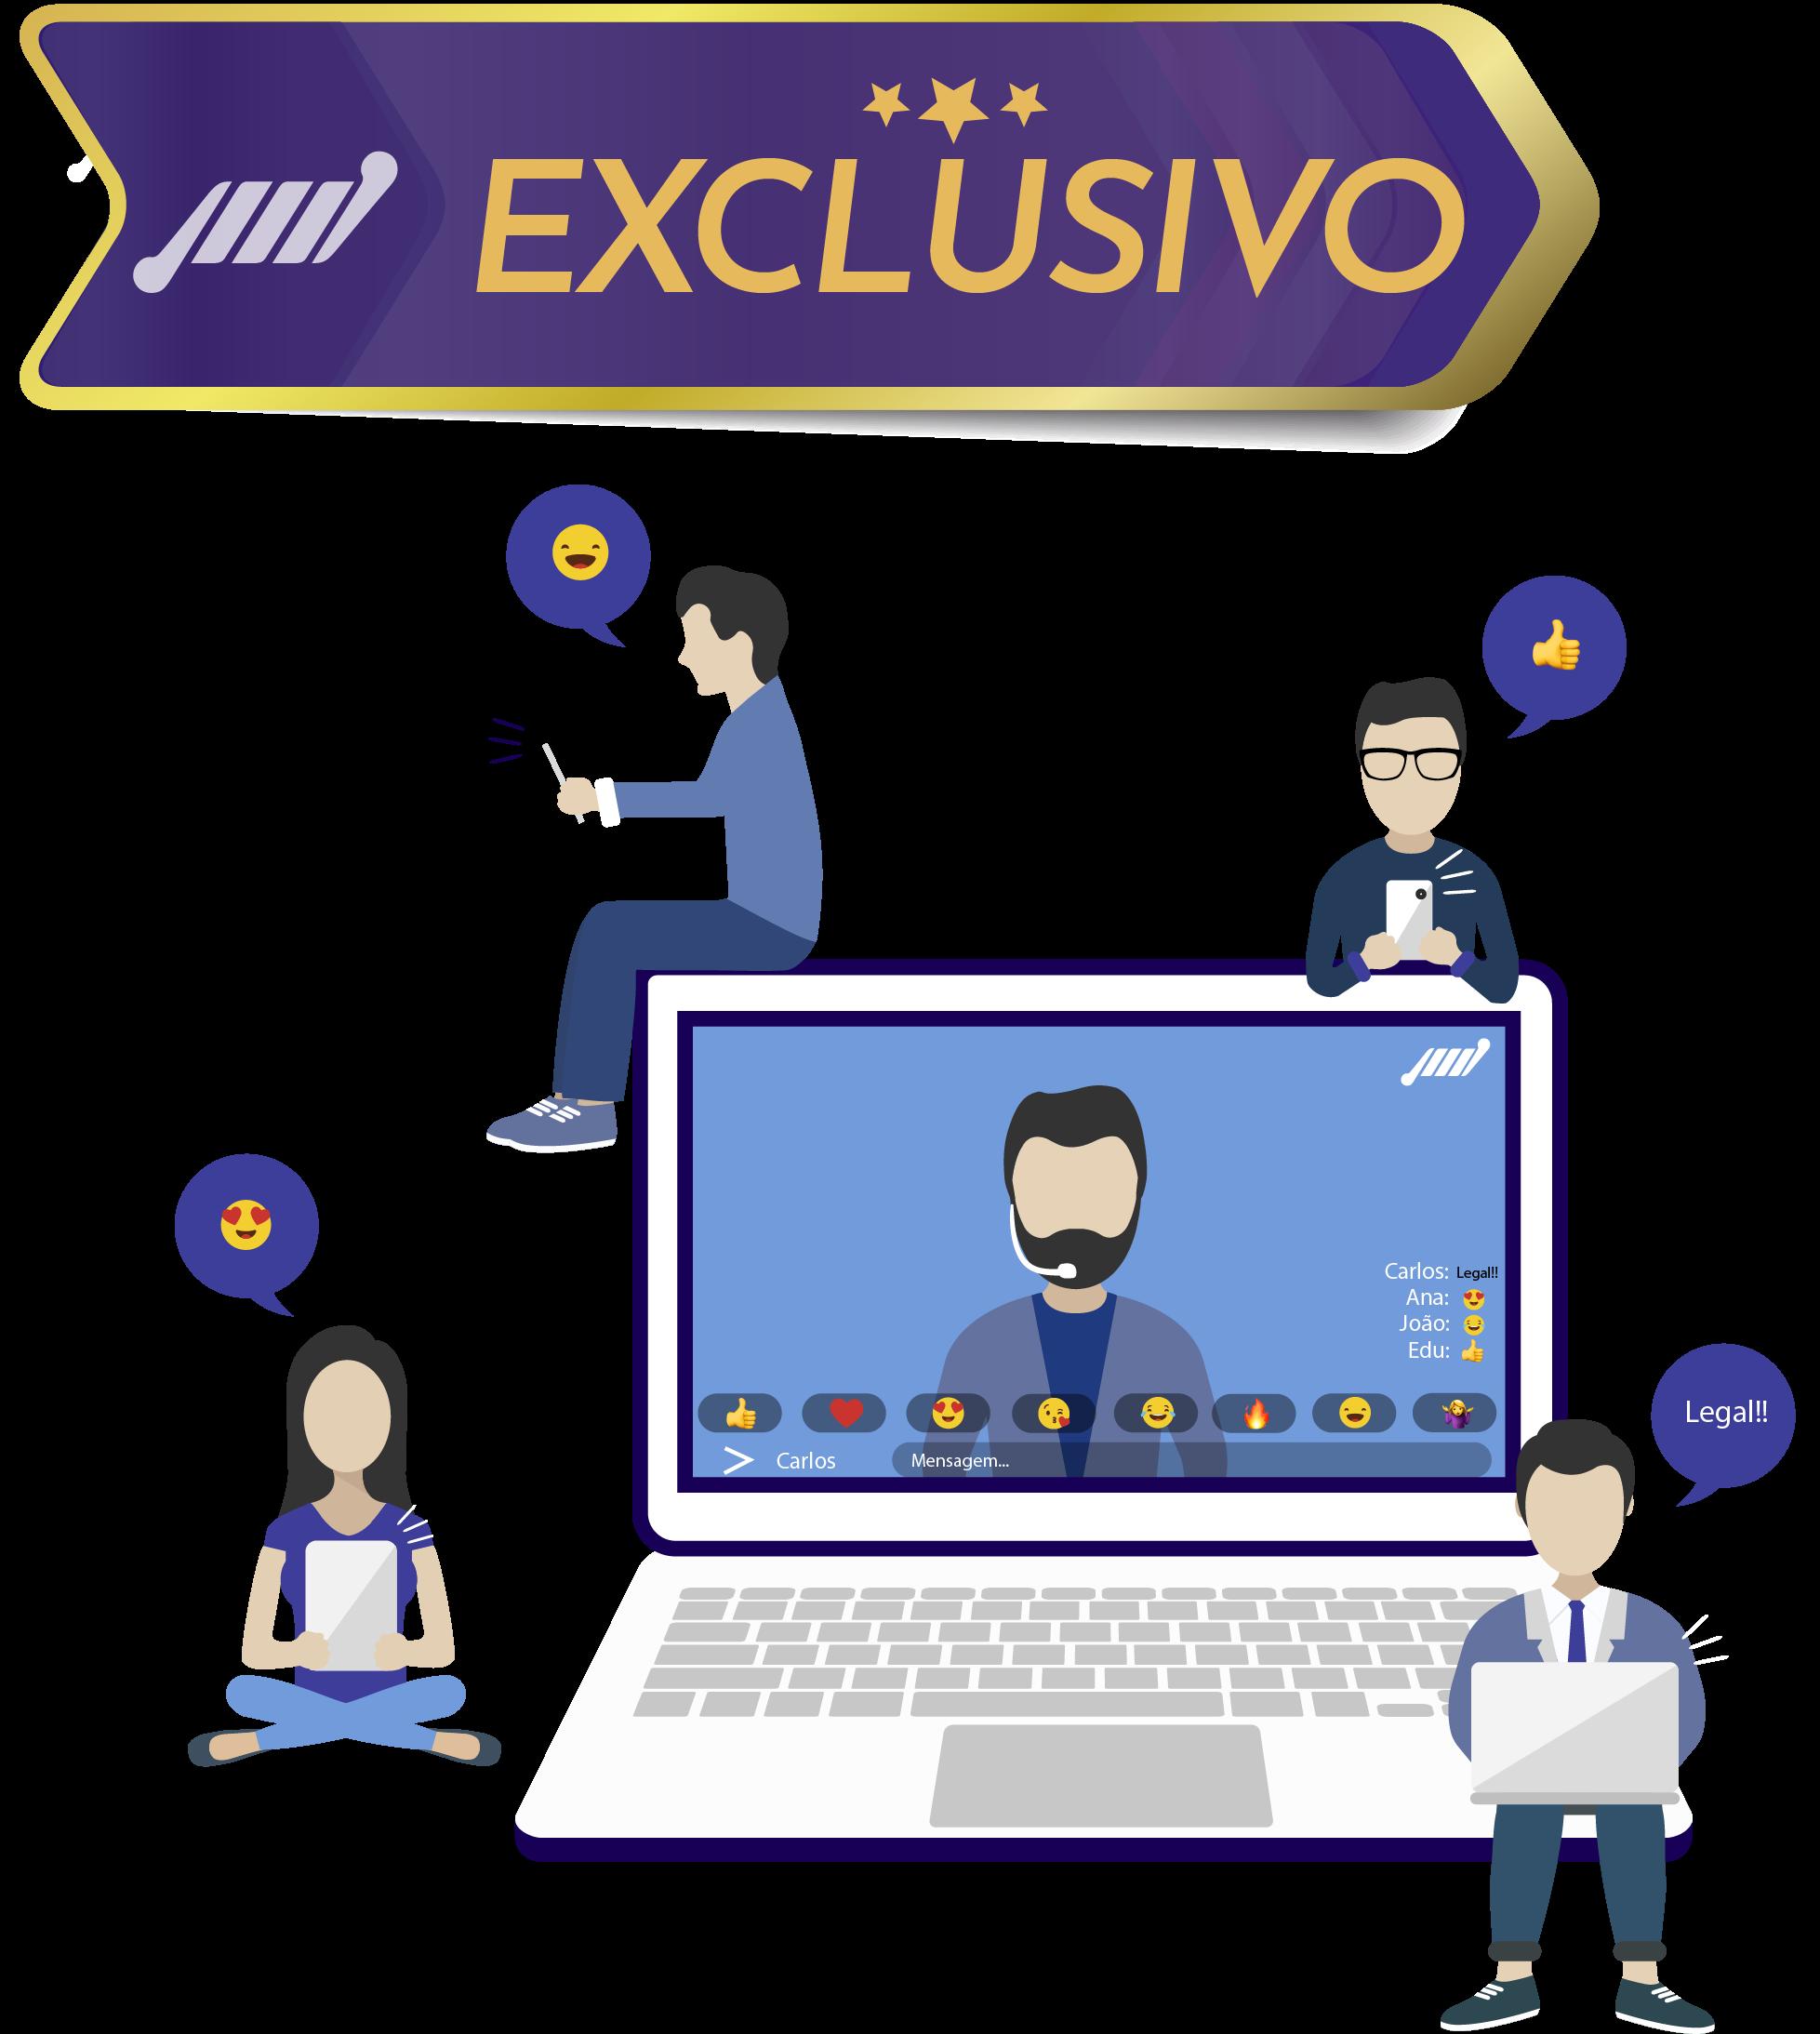 exclusivo chat integrado streaming de video ao vivo